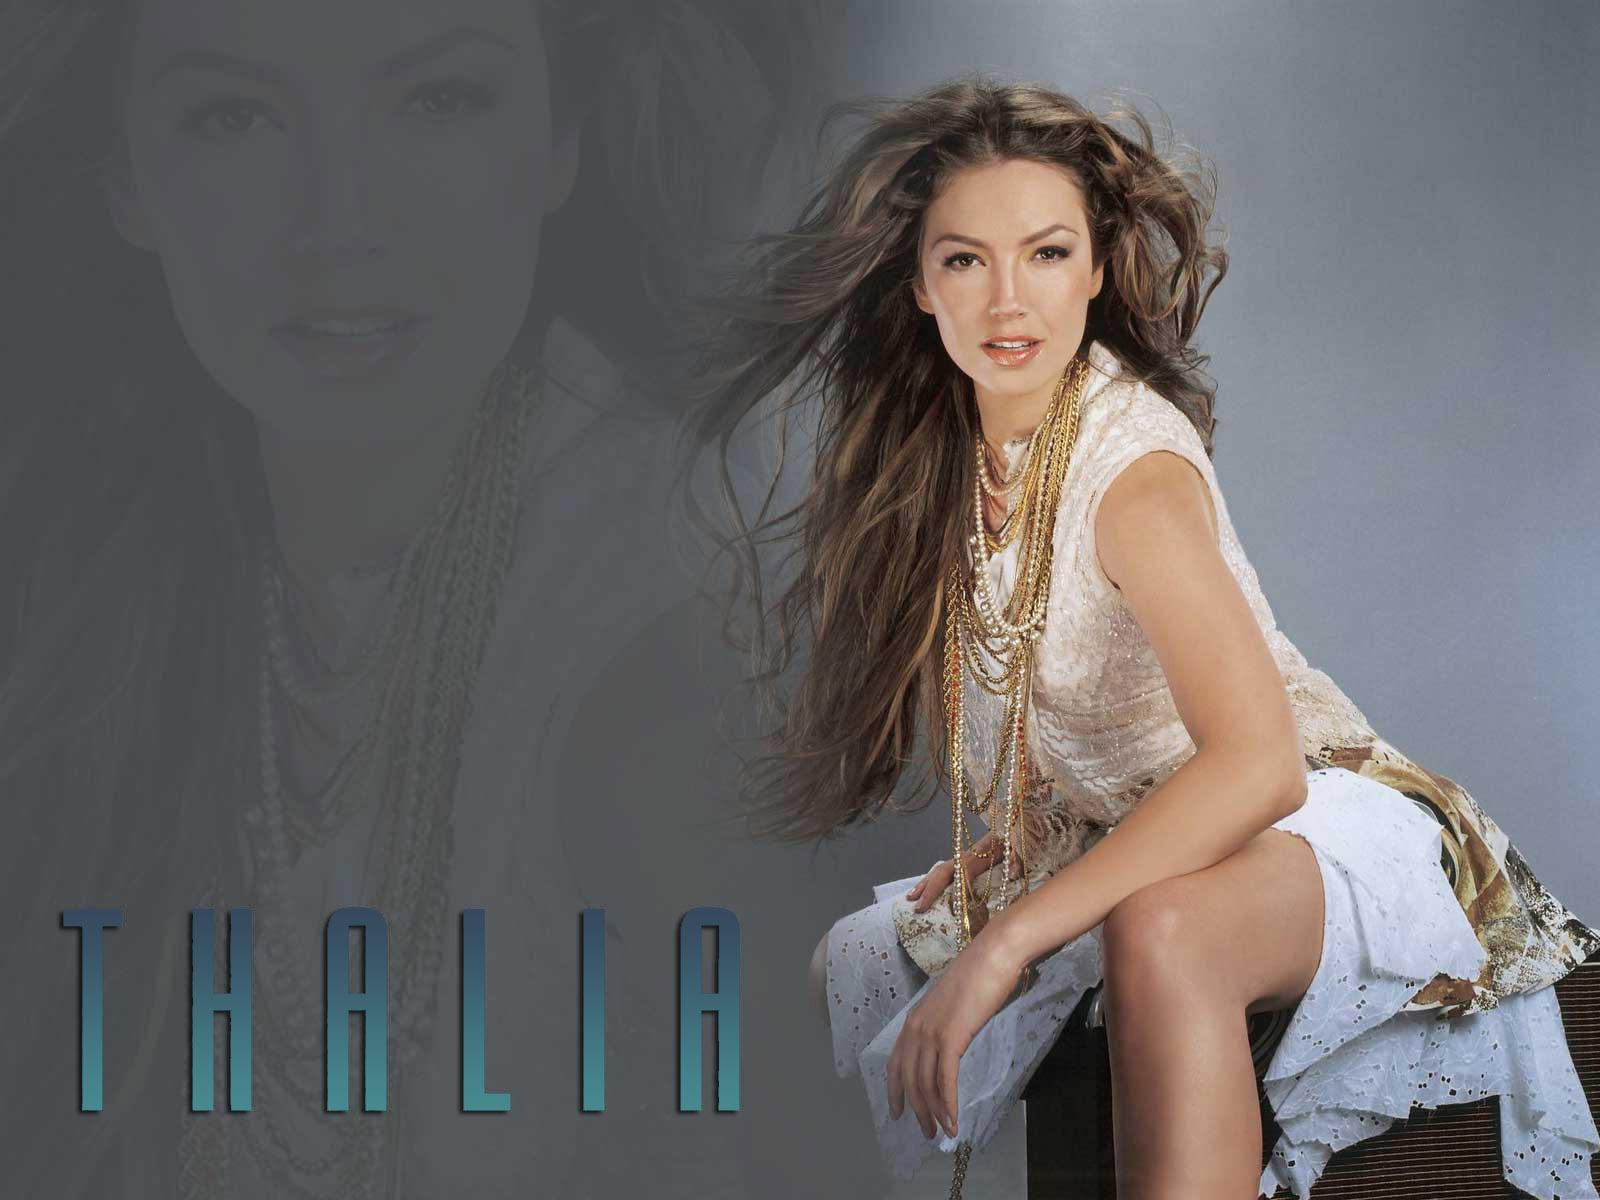 http://images4.fanpop.com/image/photos/20700000/Thalia-thalia-20736504-1600-1200.jpg